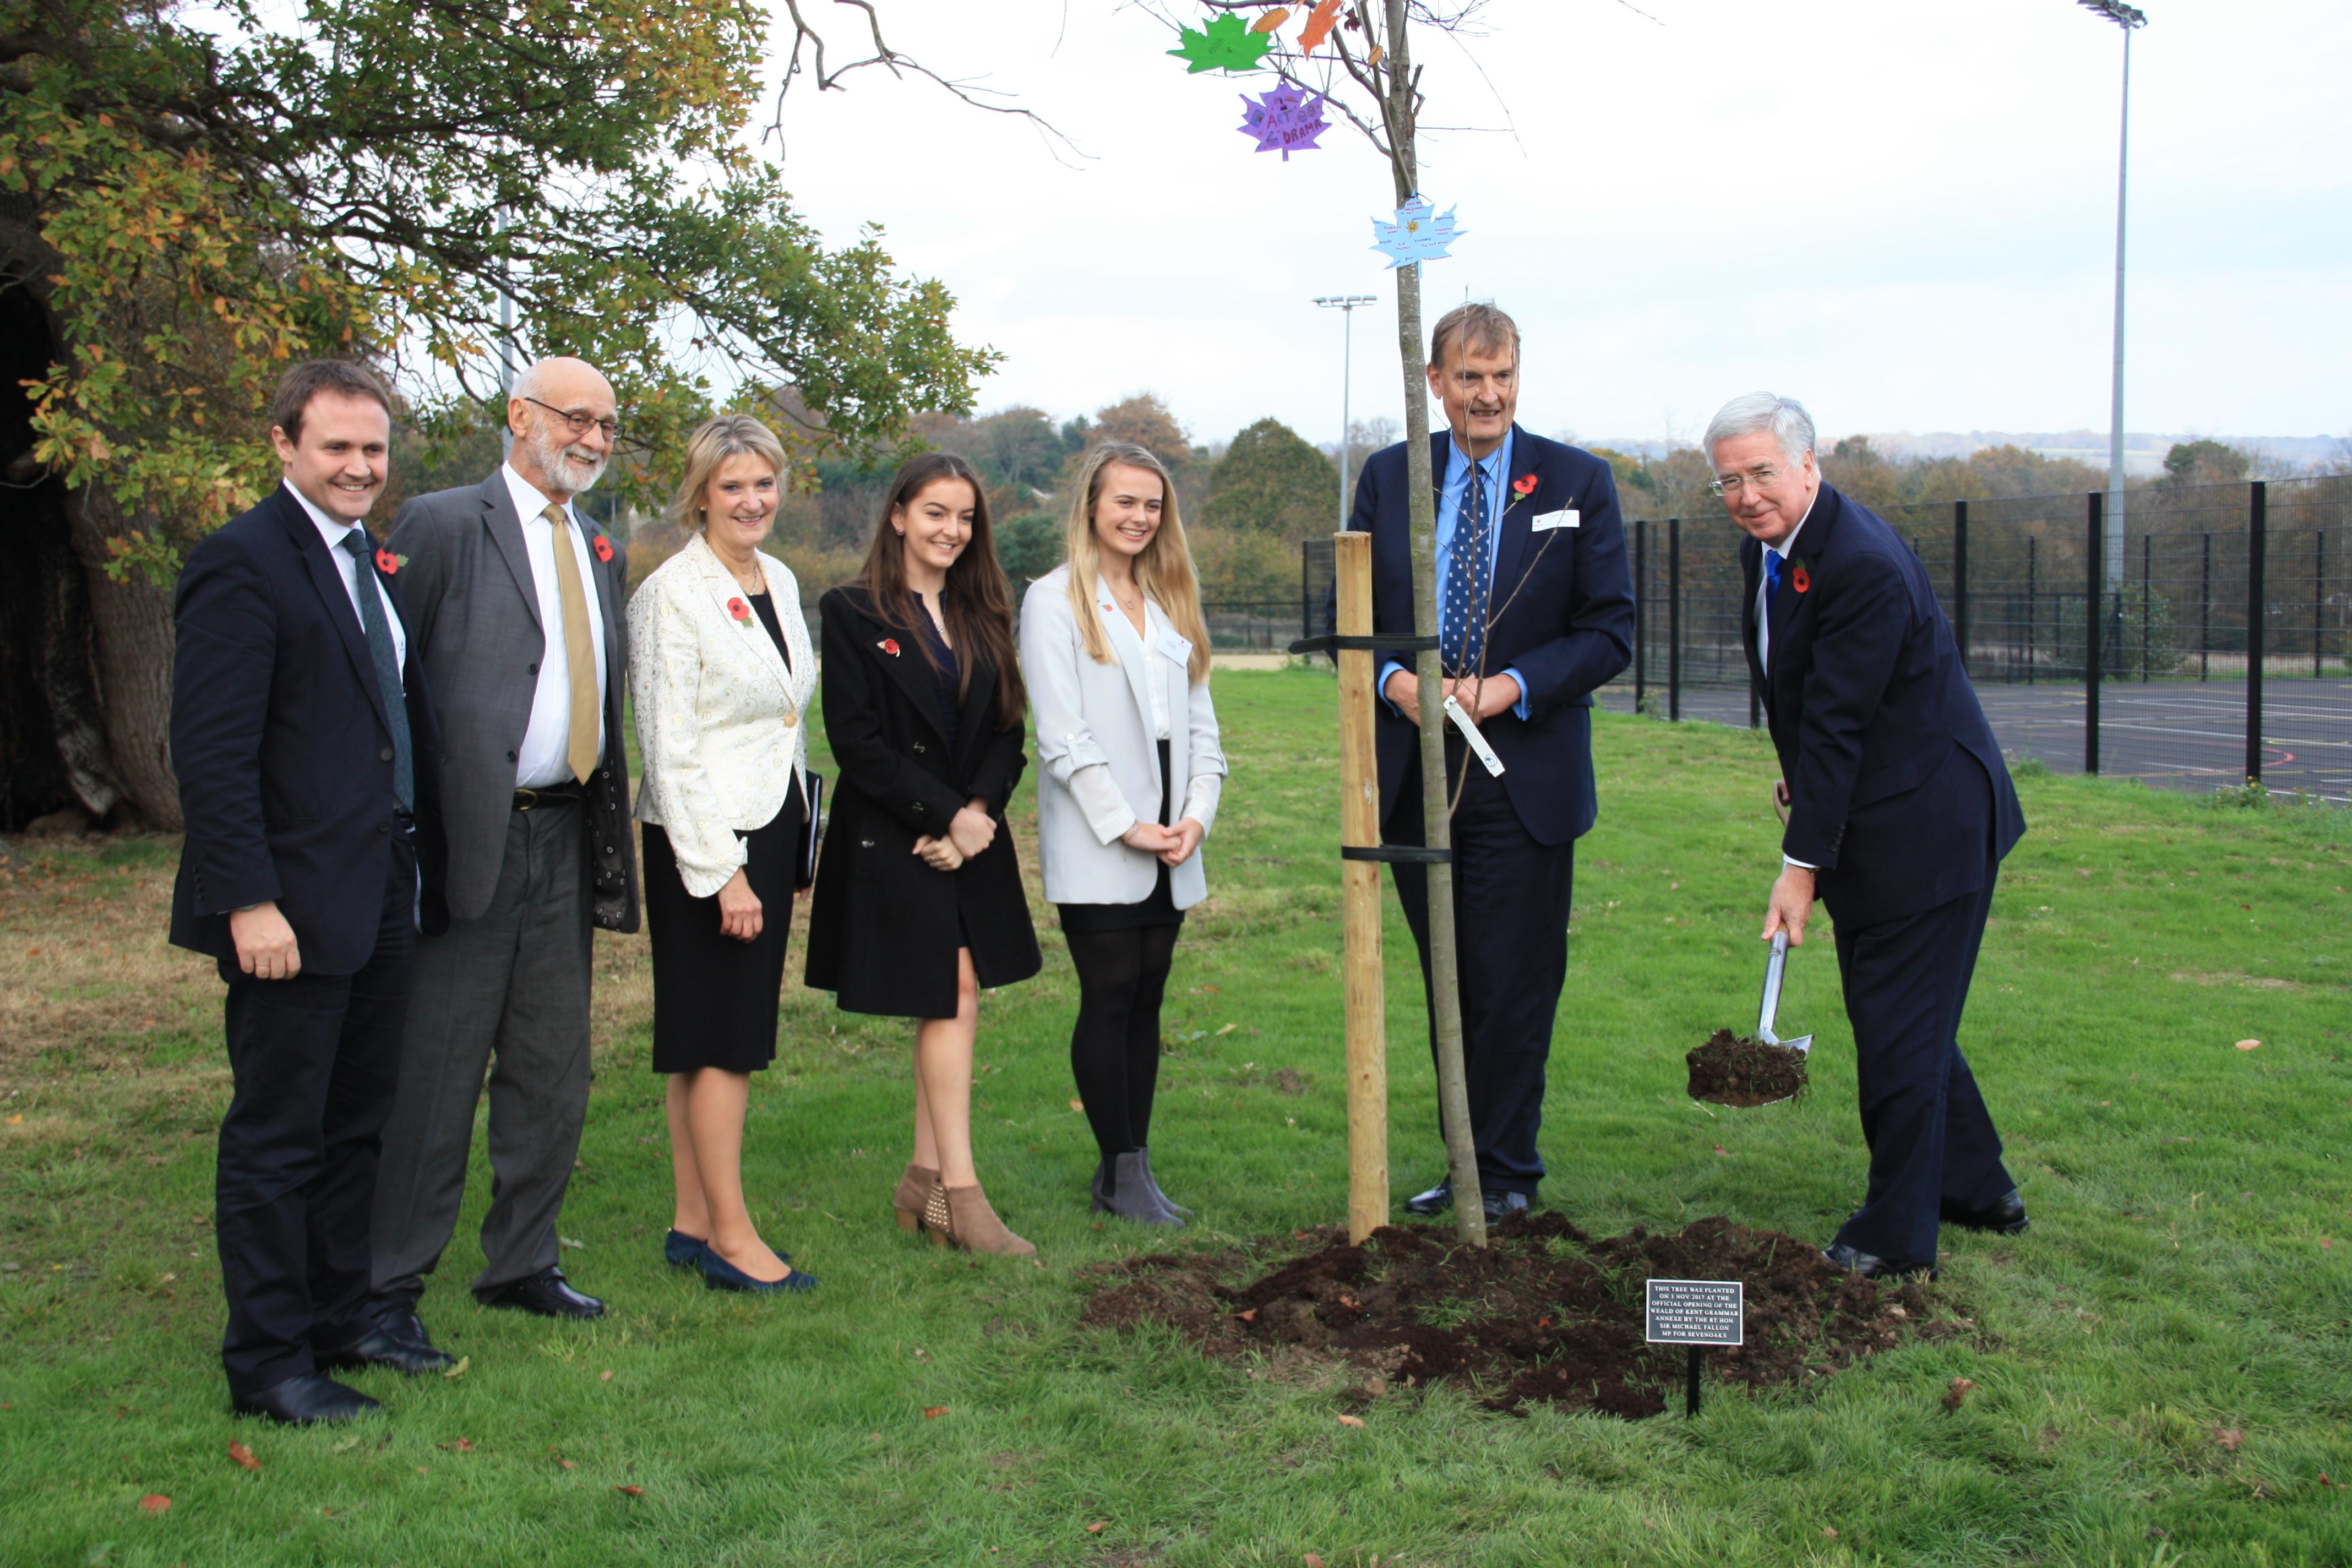 Weald of Kent Grammar School's Sevenoaks Annexe officially opened